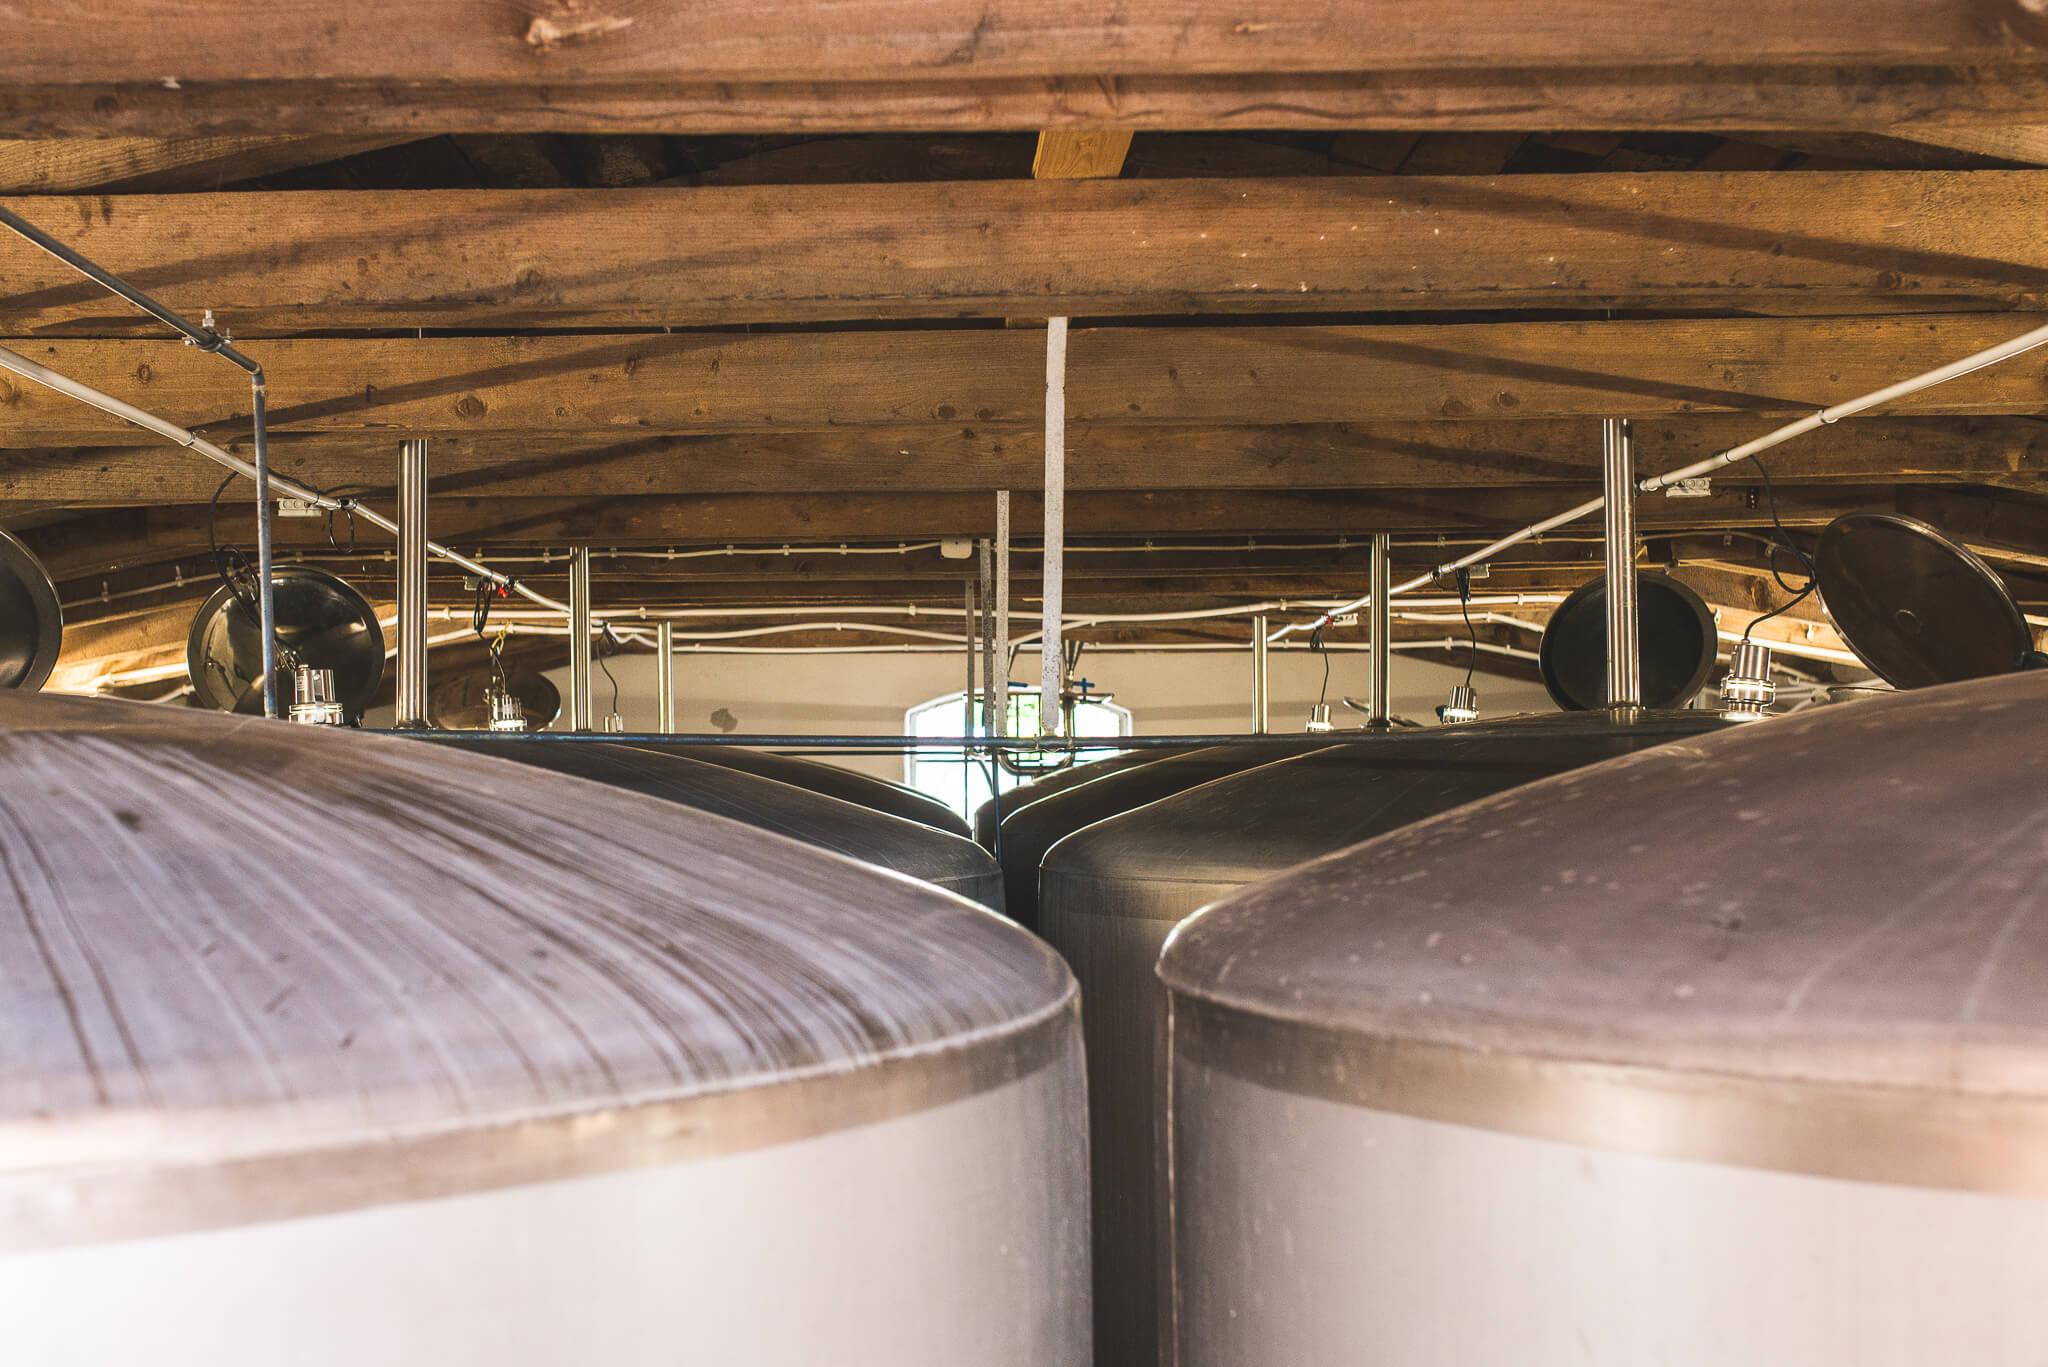 Gorzelnia Podole Wielkie 1 1 - Podole Wielkie. A distillery found on tradition